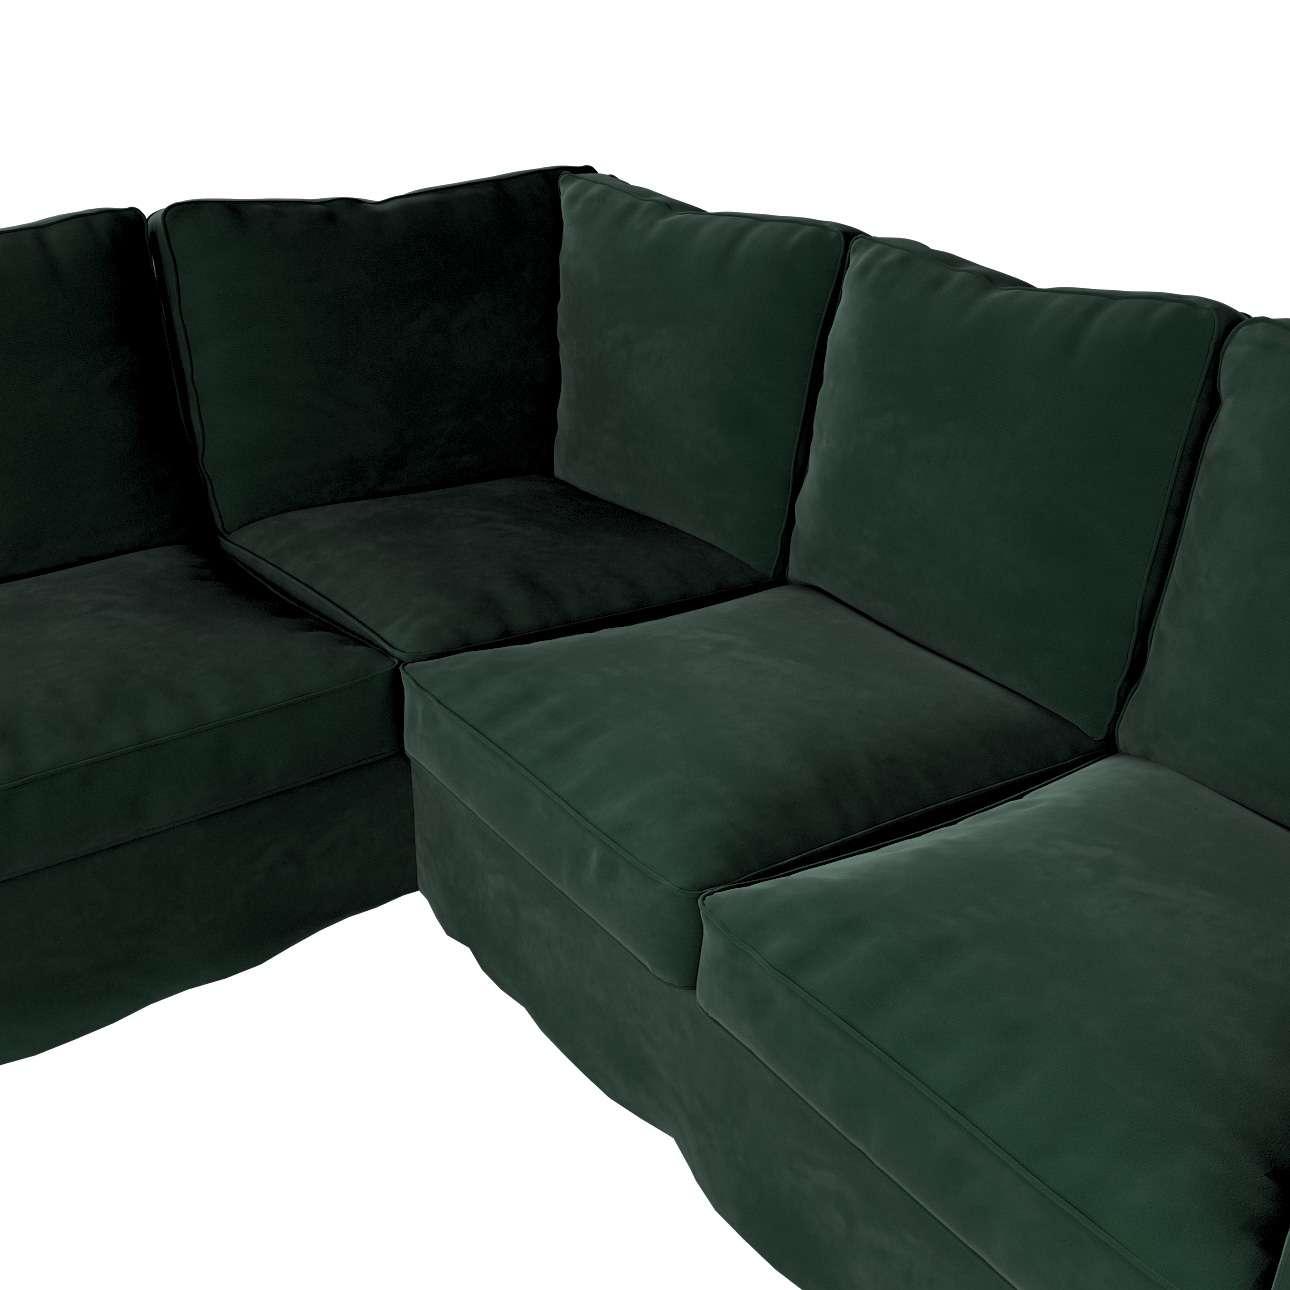 Pokrowiec na sofę narożną Ektorp w kolekcji Velvet, tkanina: 704-25